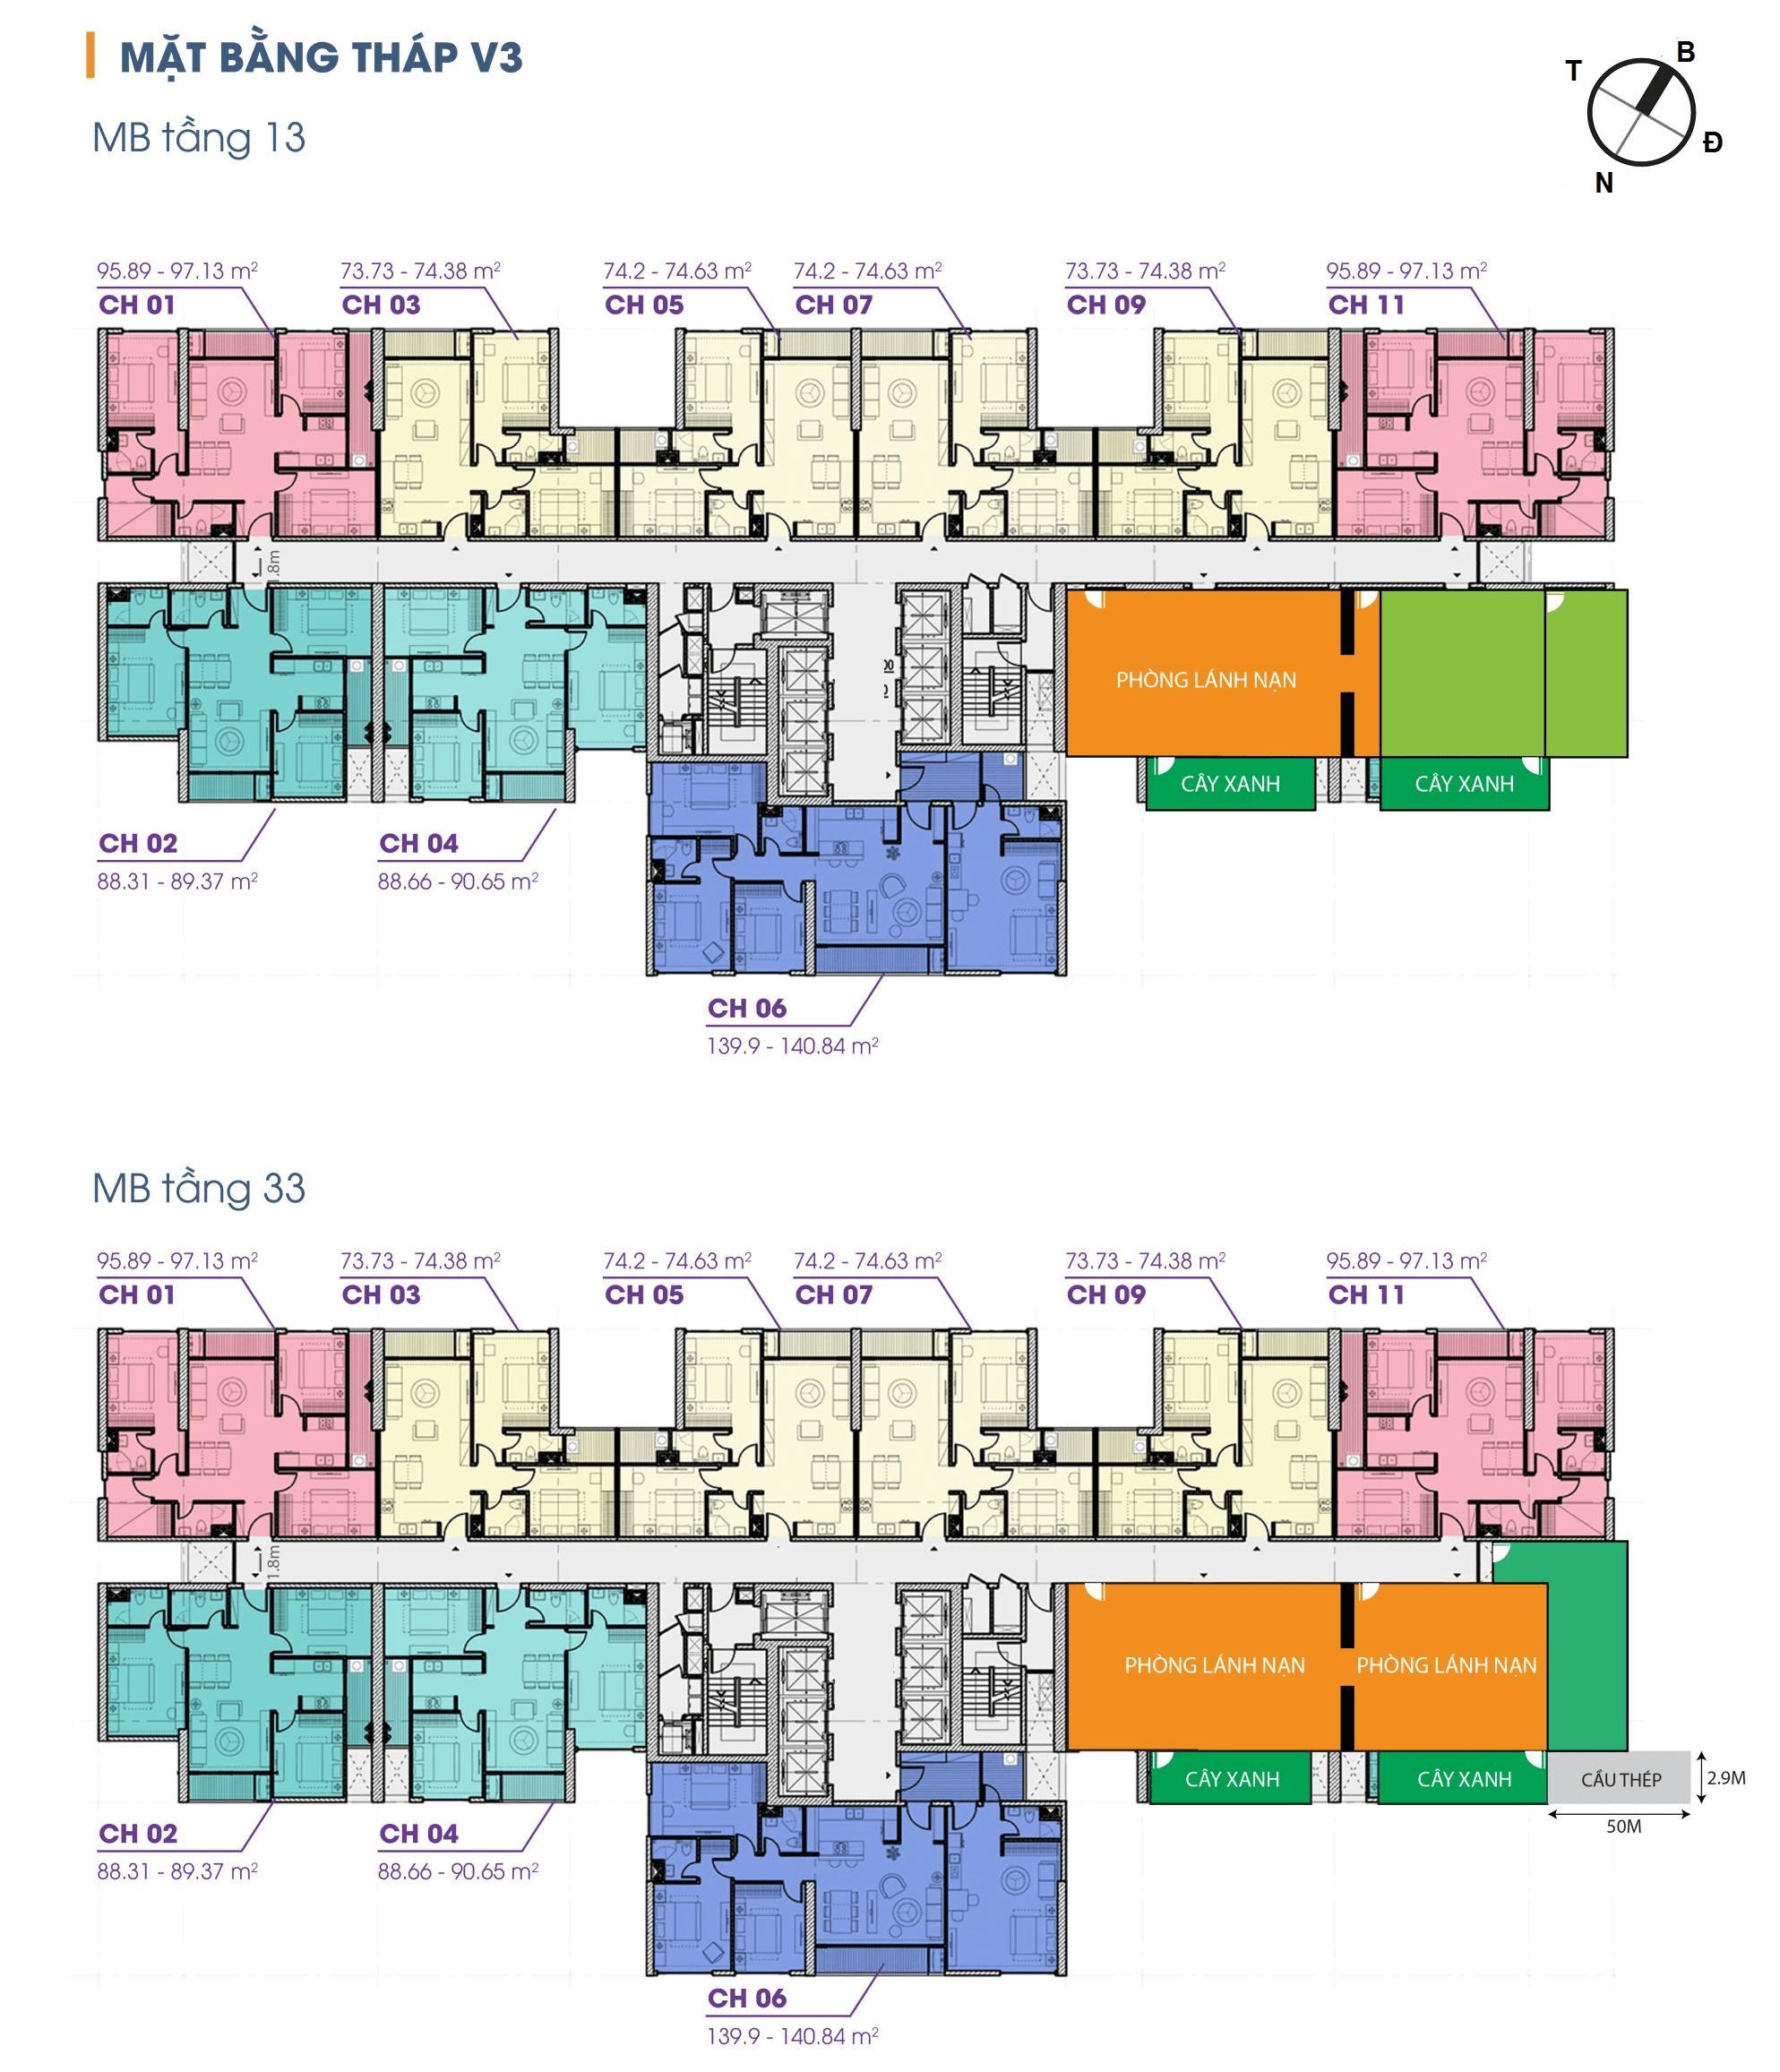 Mặt bằng chung cư The Terra An Hưng Hà Đông v3 tầng 13 vs 33